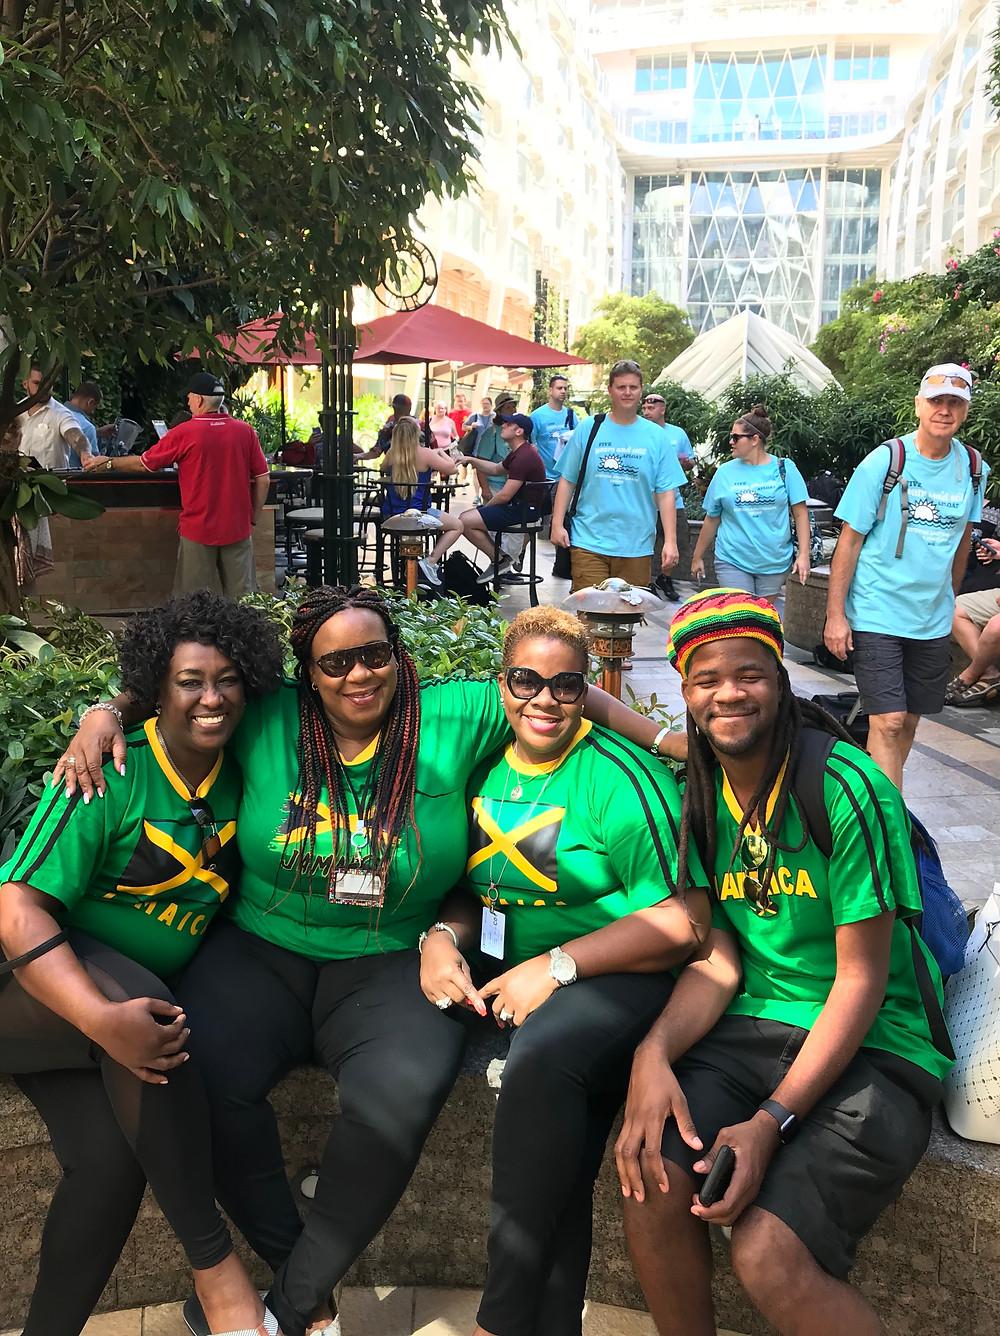 Jamaicans cruising